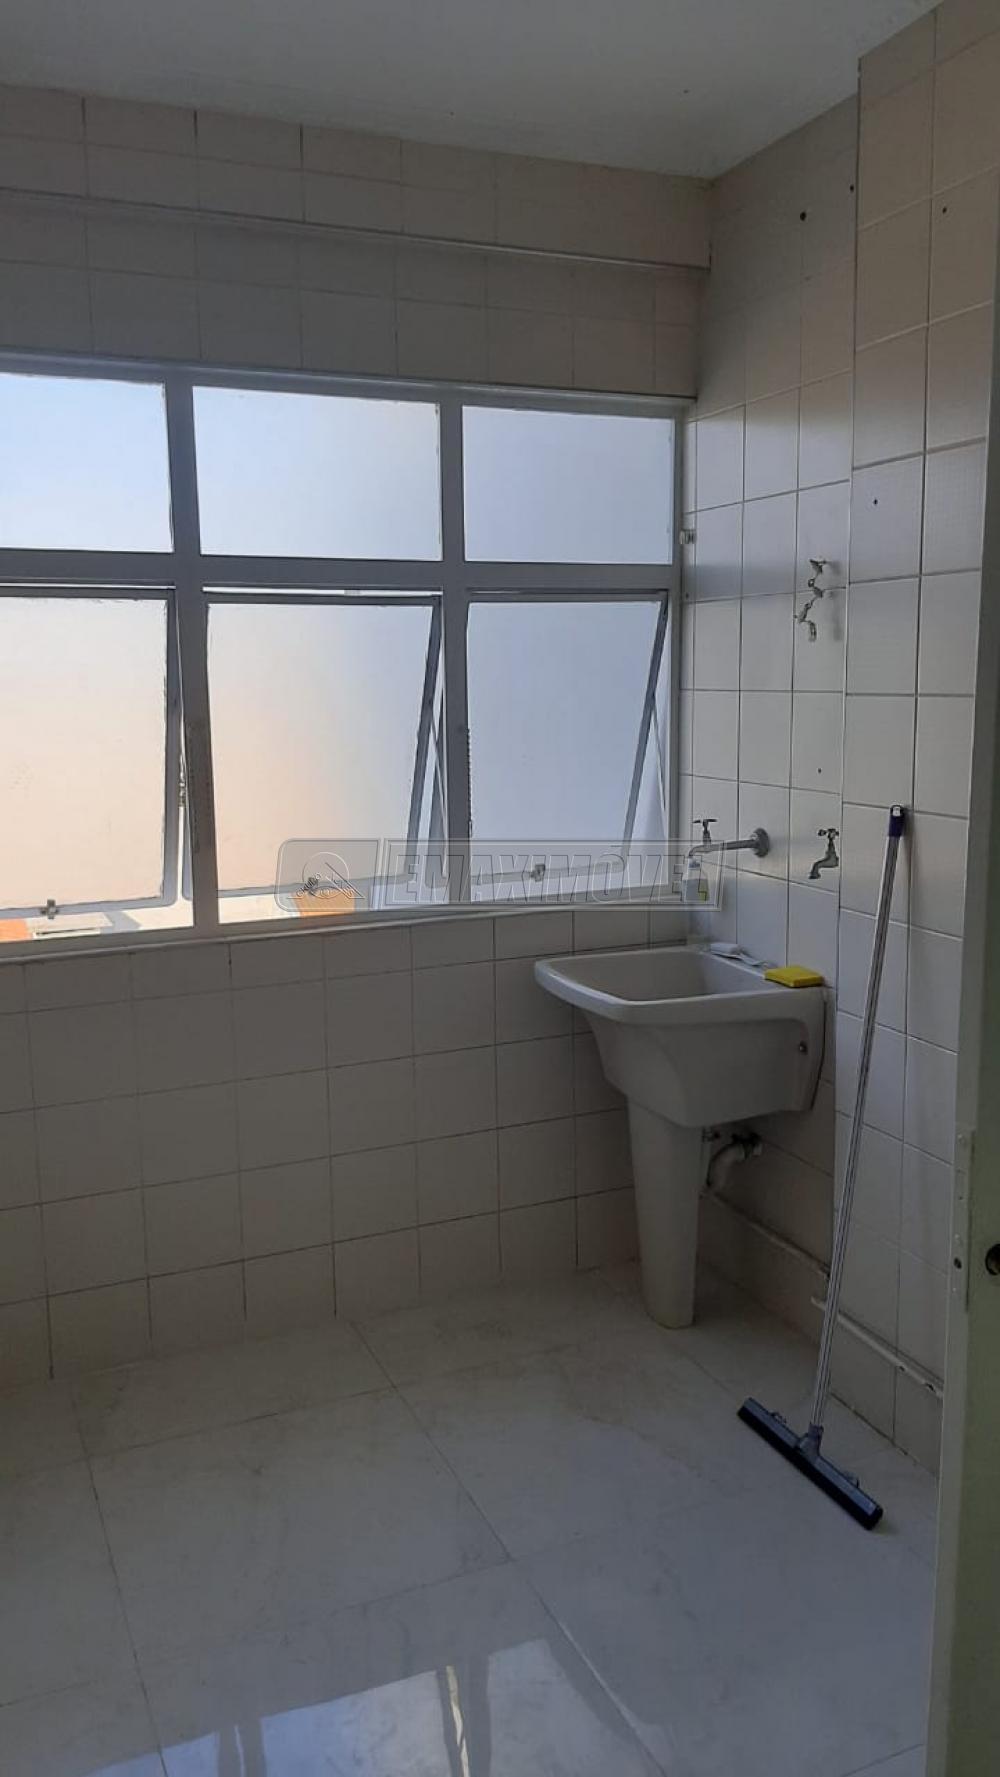 Comprar Apartamentos / Apto Padrão em Sorocaba apenas R$ 335.000,00 - Foto 24